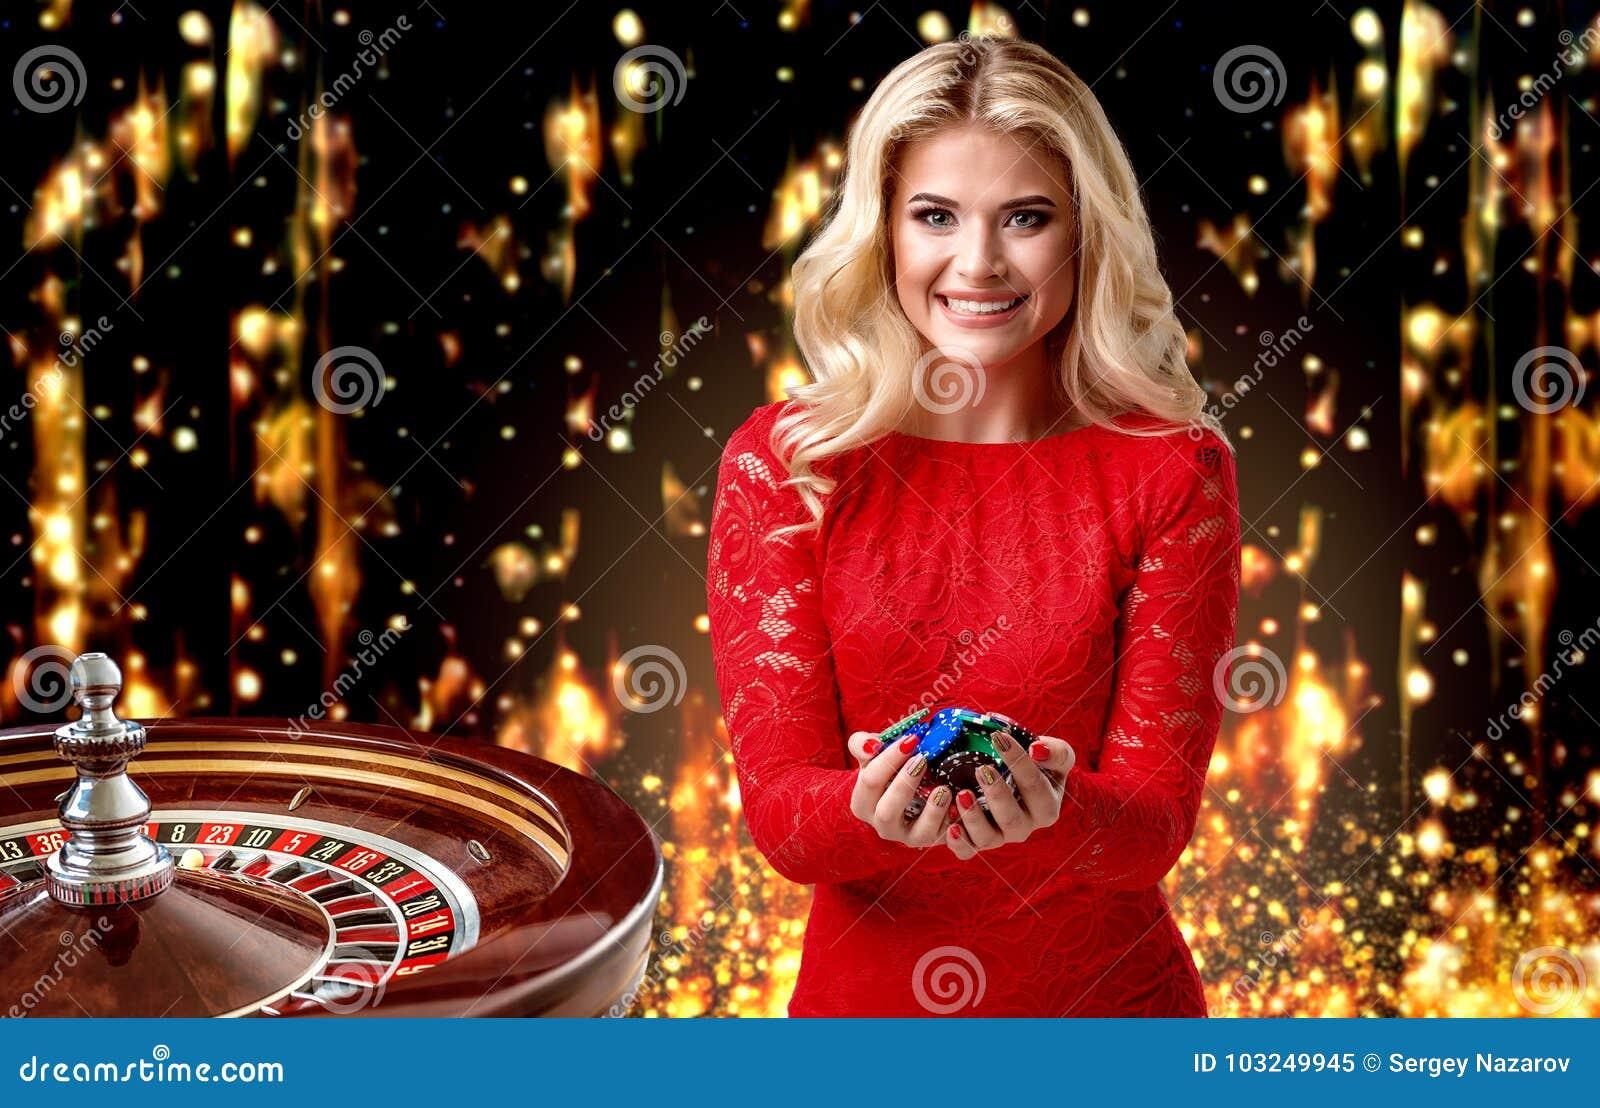 La muchacha rubia hermosa con los microprocesadores se coloca en el fondo de una ruleta real collage con un jugador, ruleta y